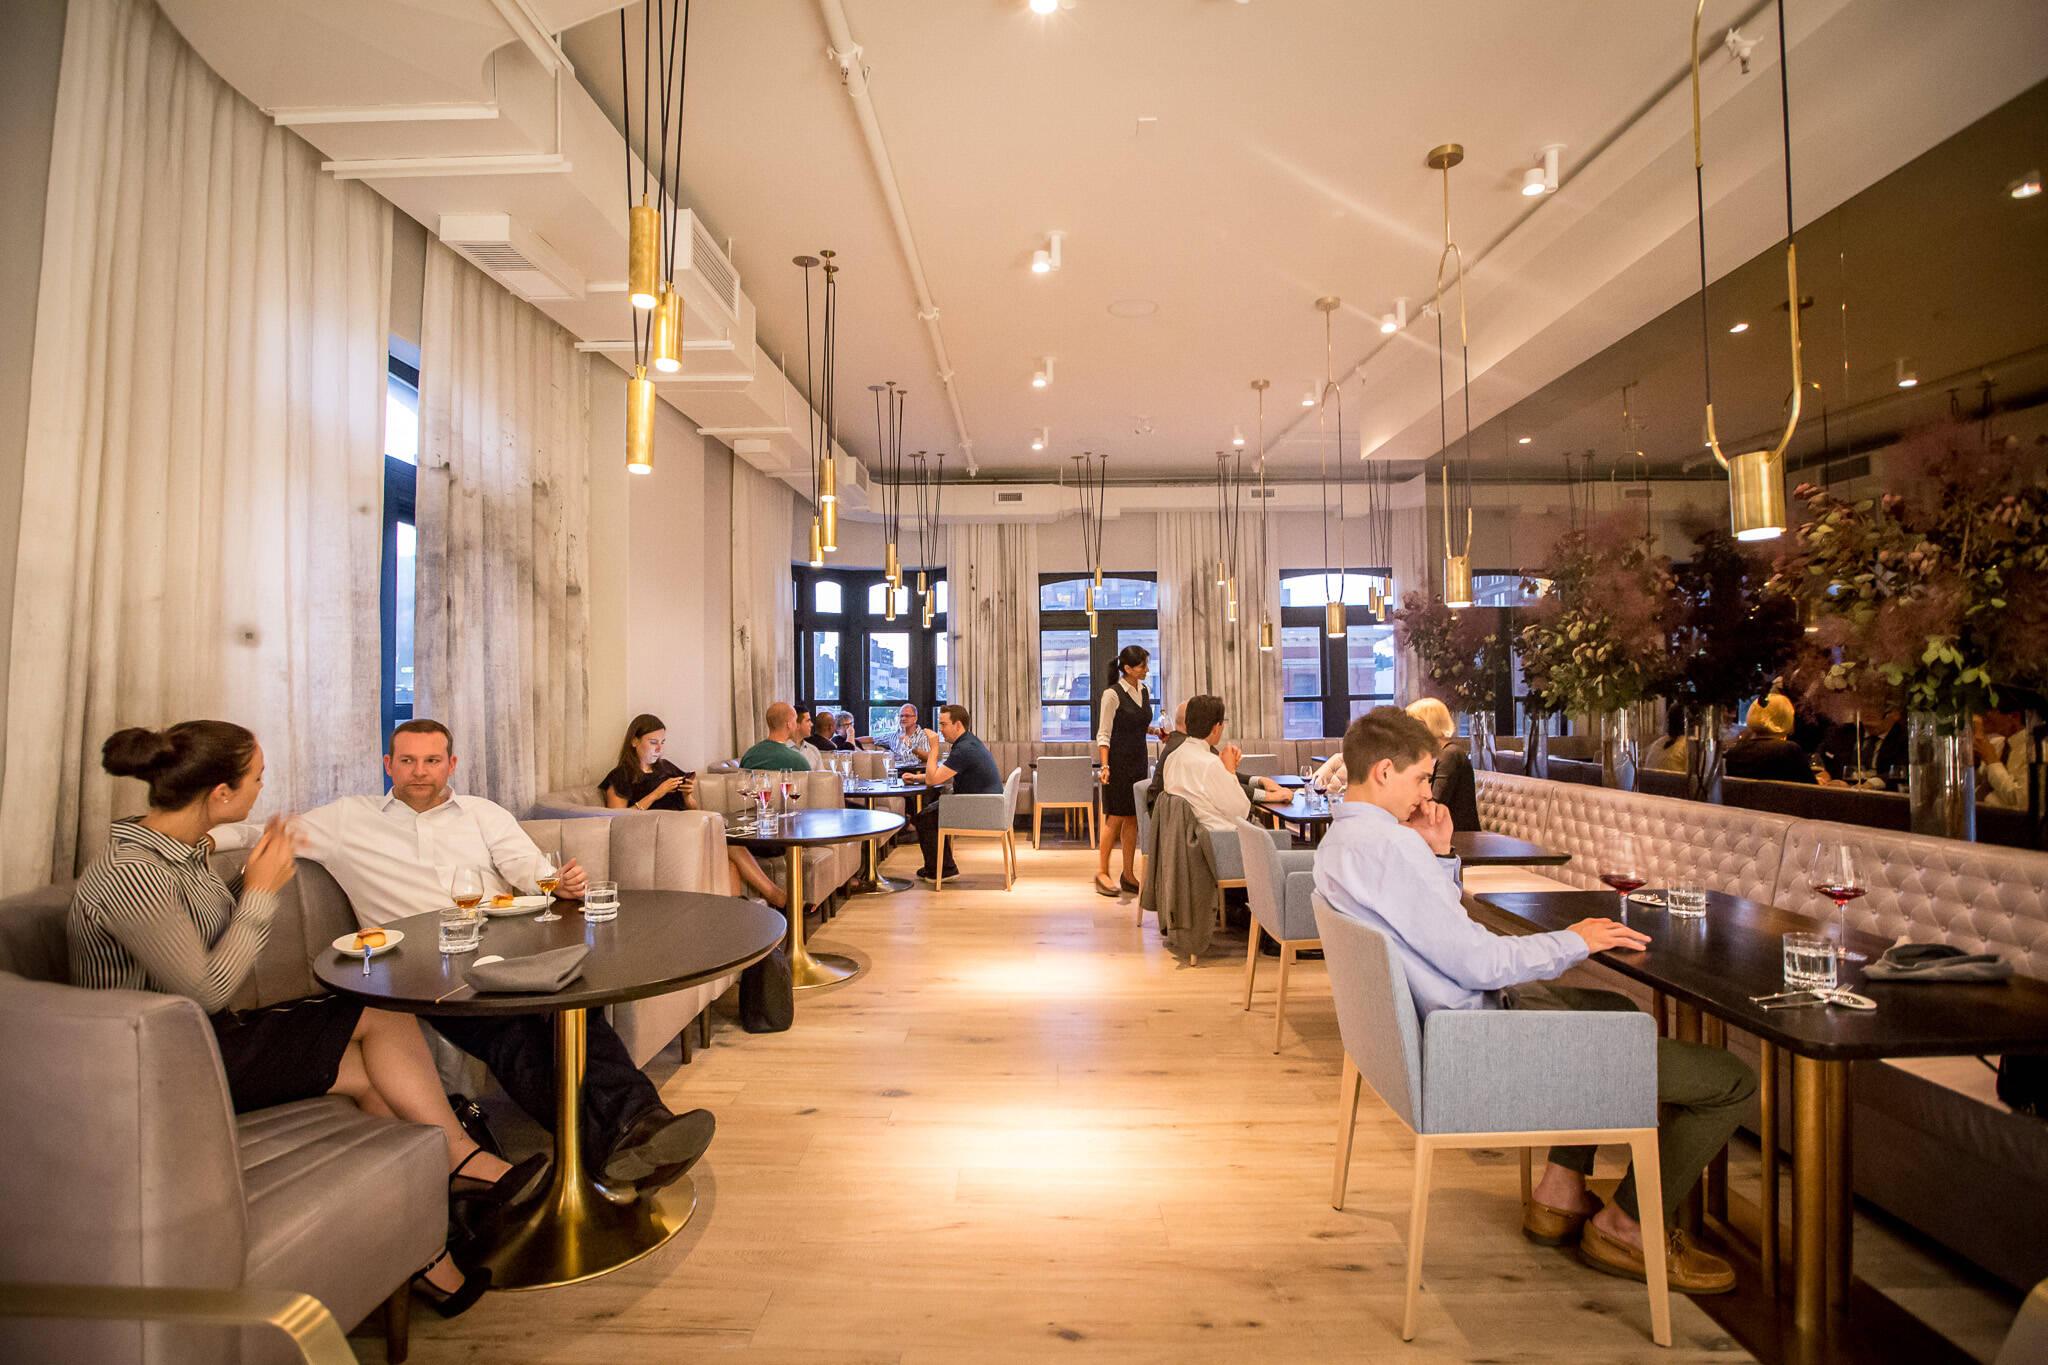 Best Restaurants Toronto The Junction